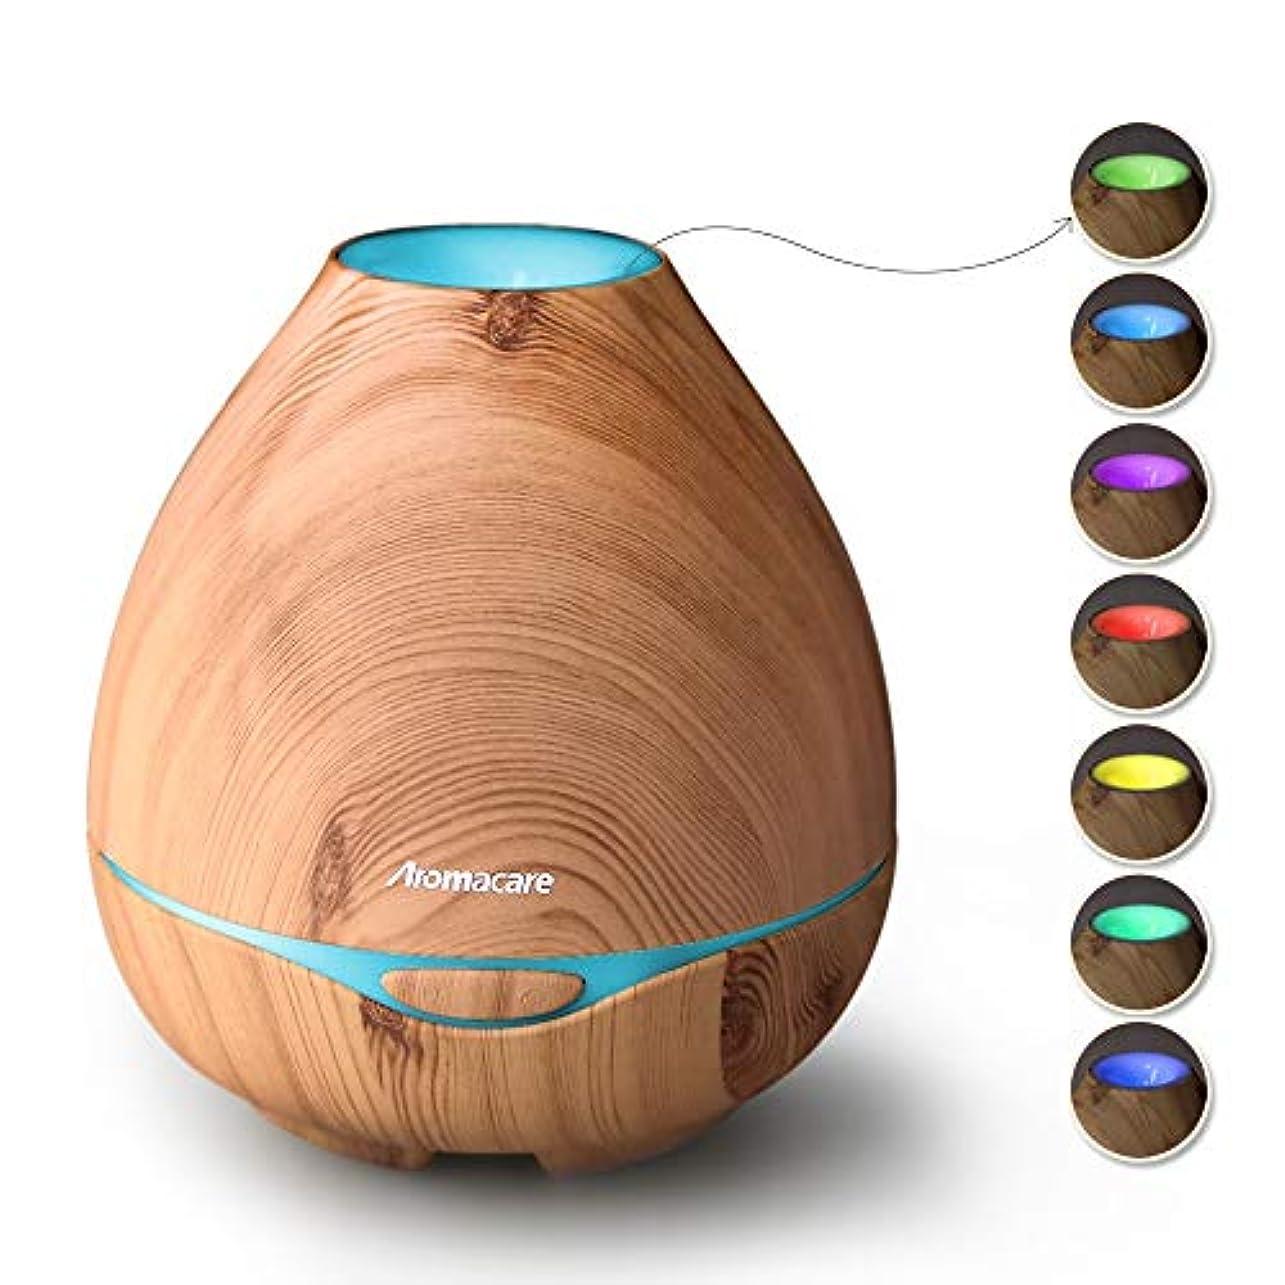 キャッシュ分数バンドAromacare アロマ超音波クールミスト加湿器?木目-なだめる夜 用 母 日オイルディフューザー 用 大きな部屋にもぴったりなギフト 用 300ミリリットルエッセンシャルオイルディフューザーはによって非常に静かな光 - ブラウン